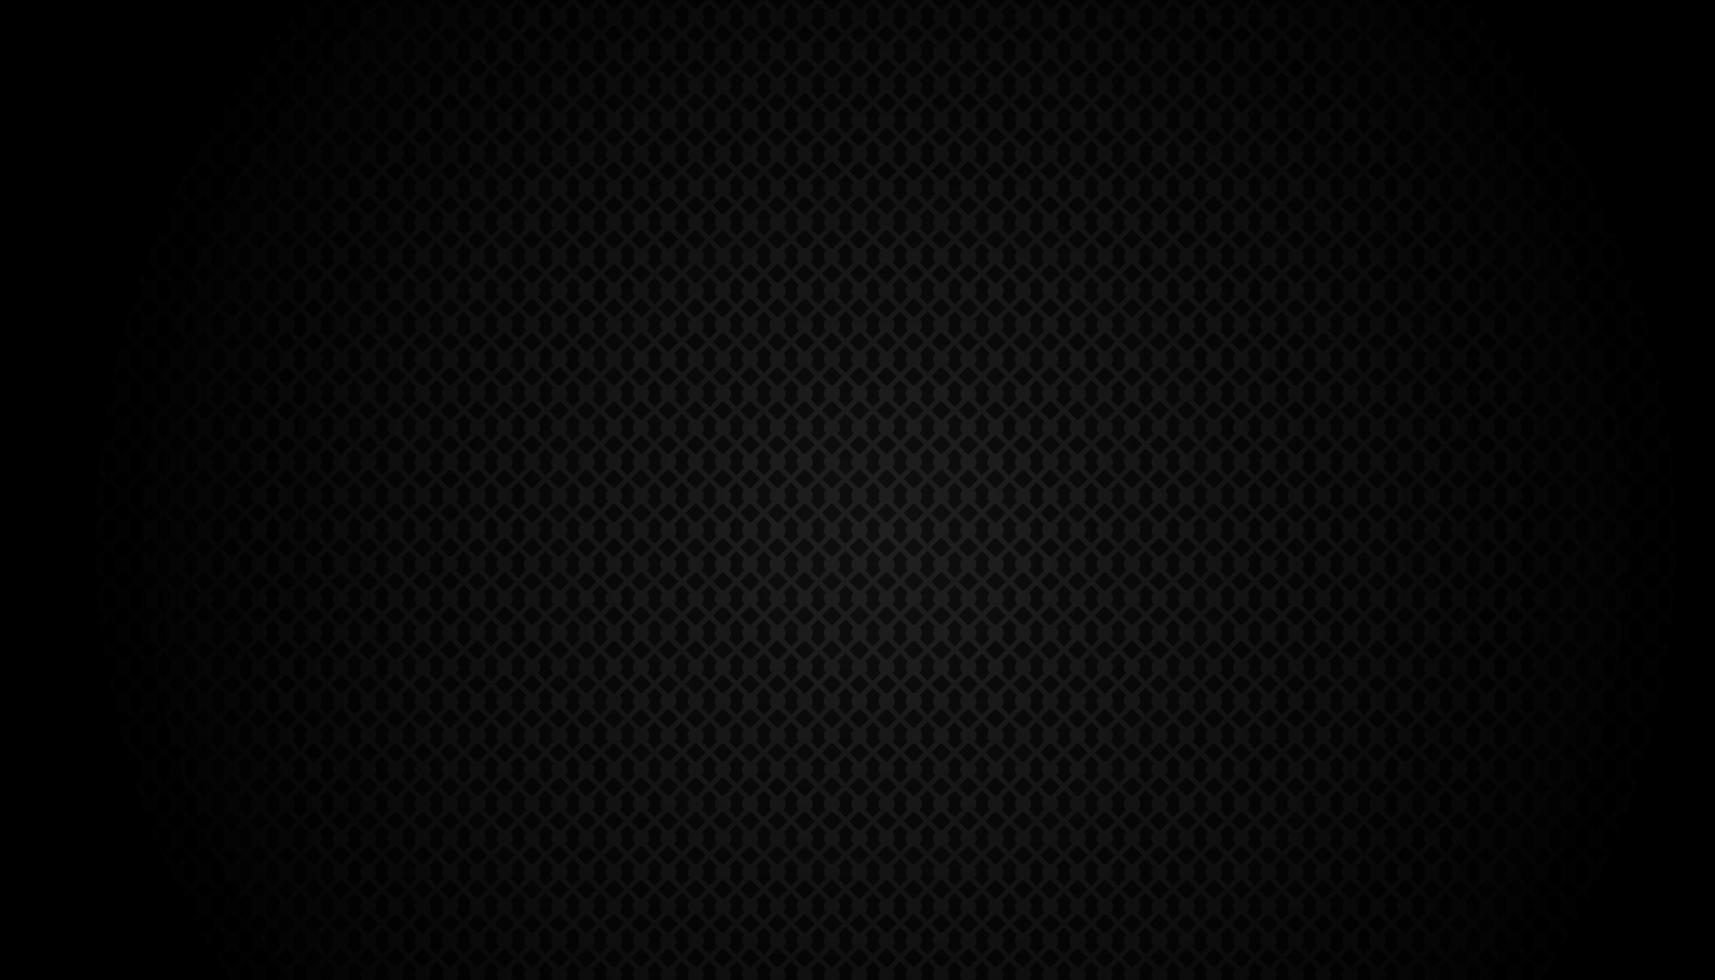 Strukturierter Schwarzer Hintergrund vektor